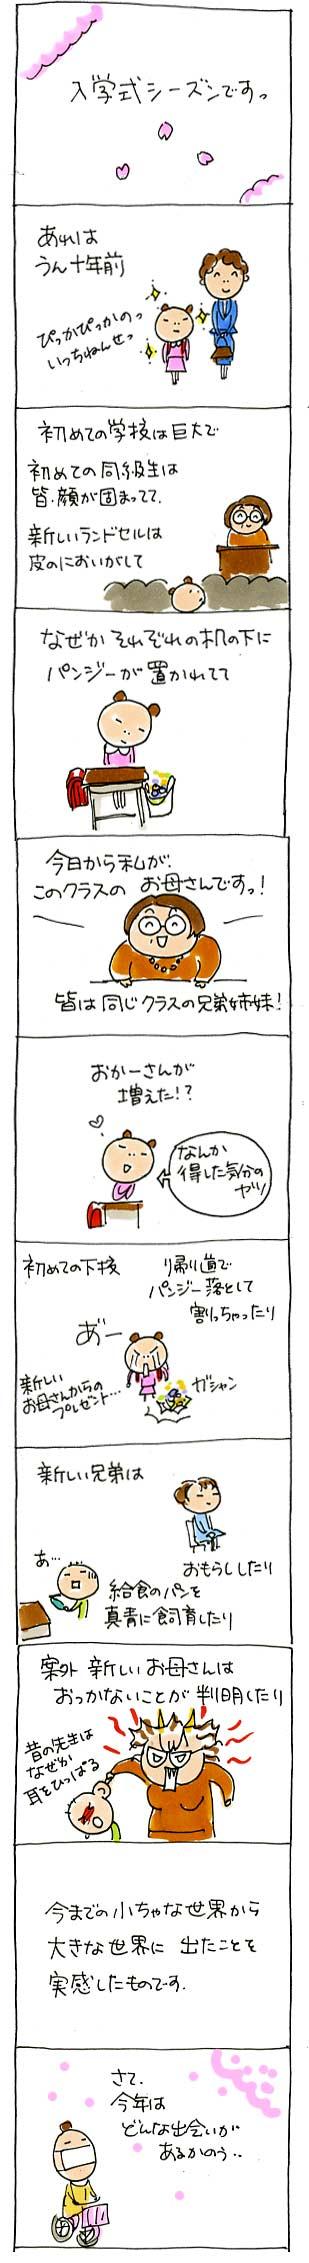 入学式シーズン